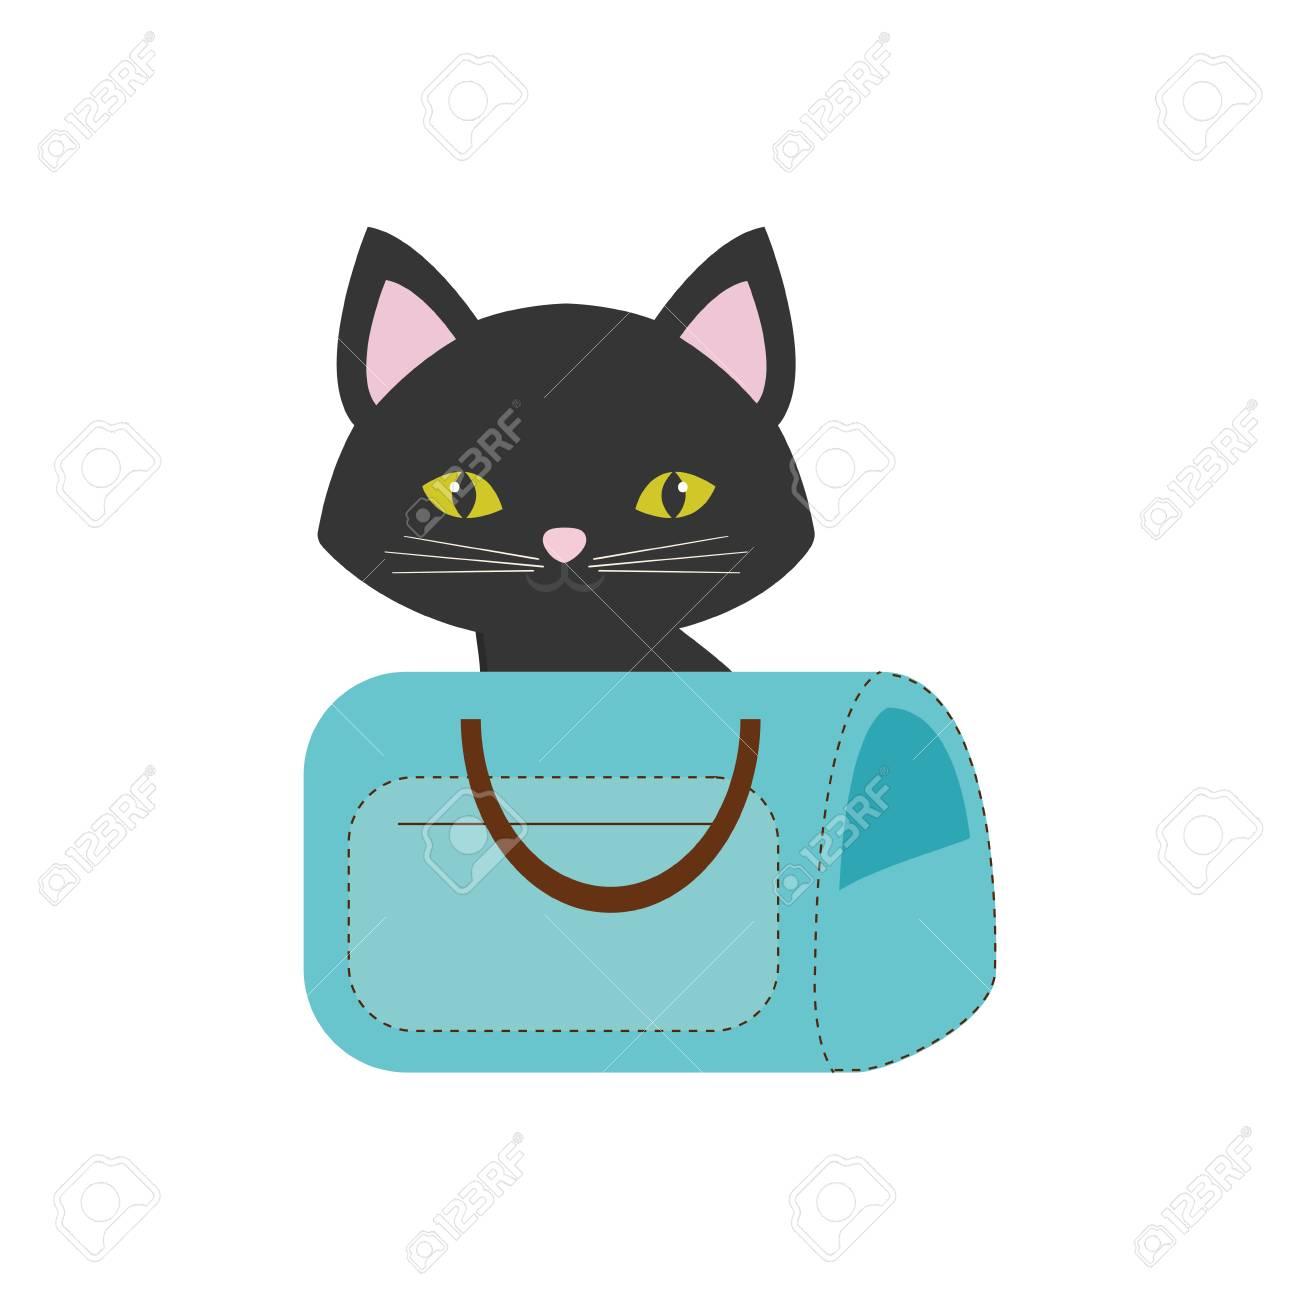 ピンク猫耳緑目青いペット キャリア バッグ旅行ベクトル イラスト Eps 10